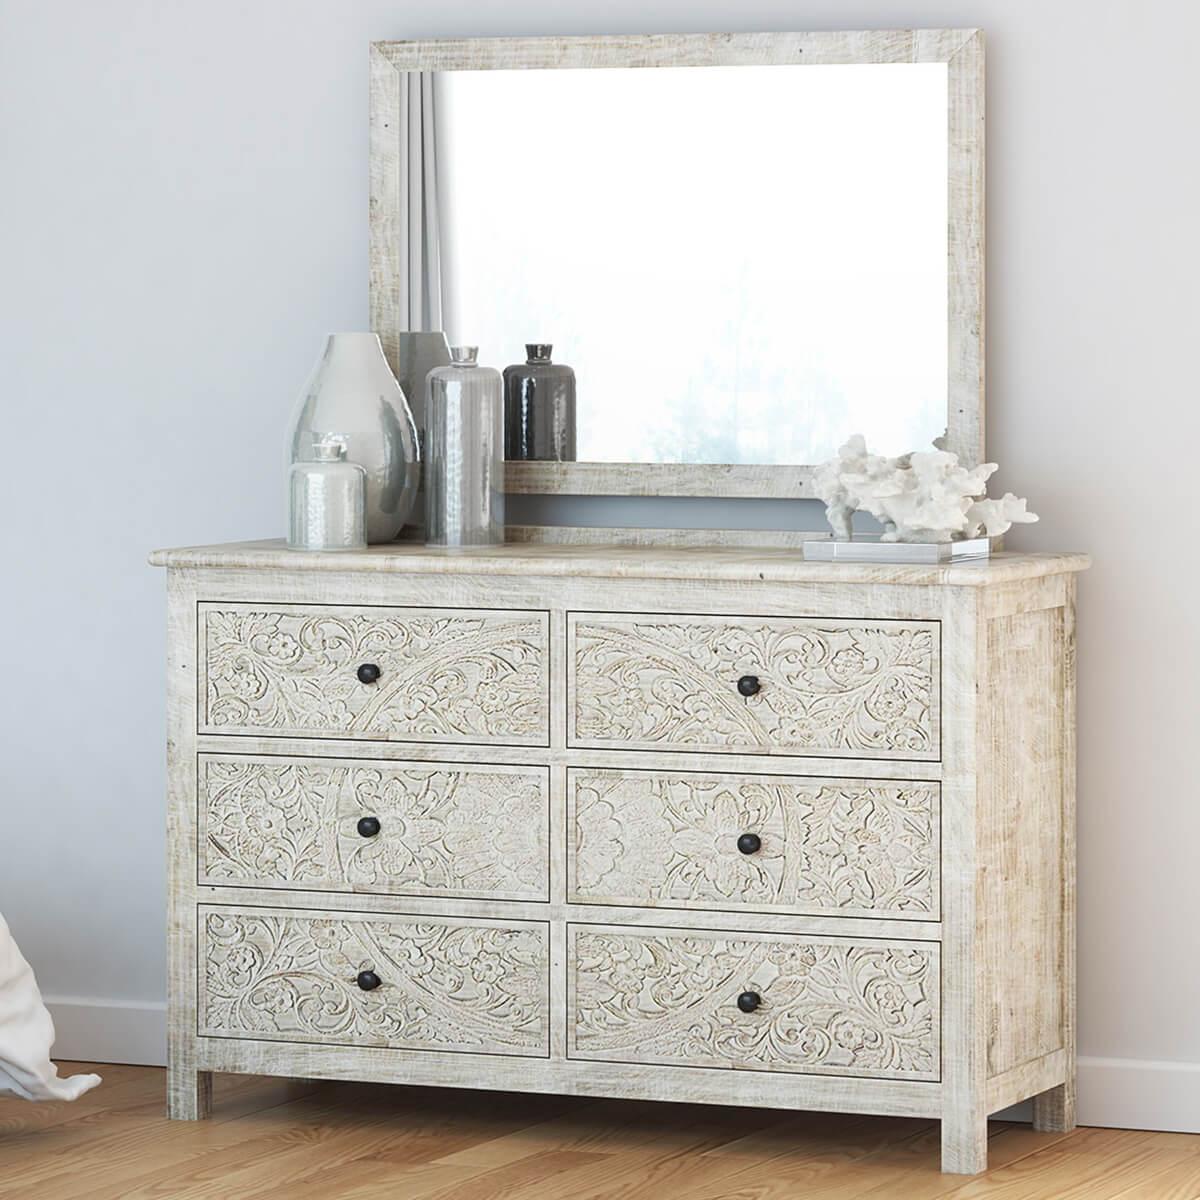 Calistoga Handcarved Solid Wood 6 Drawer White Bedroom Dresser